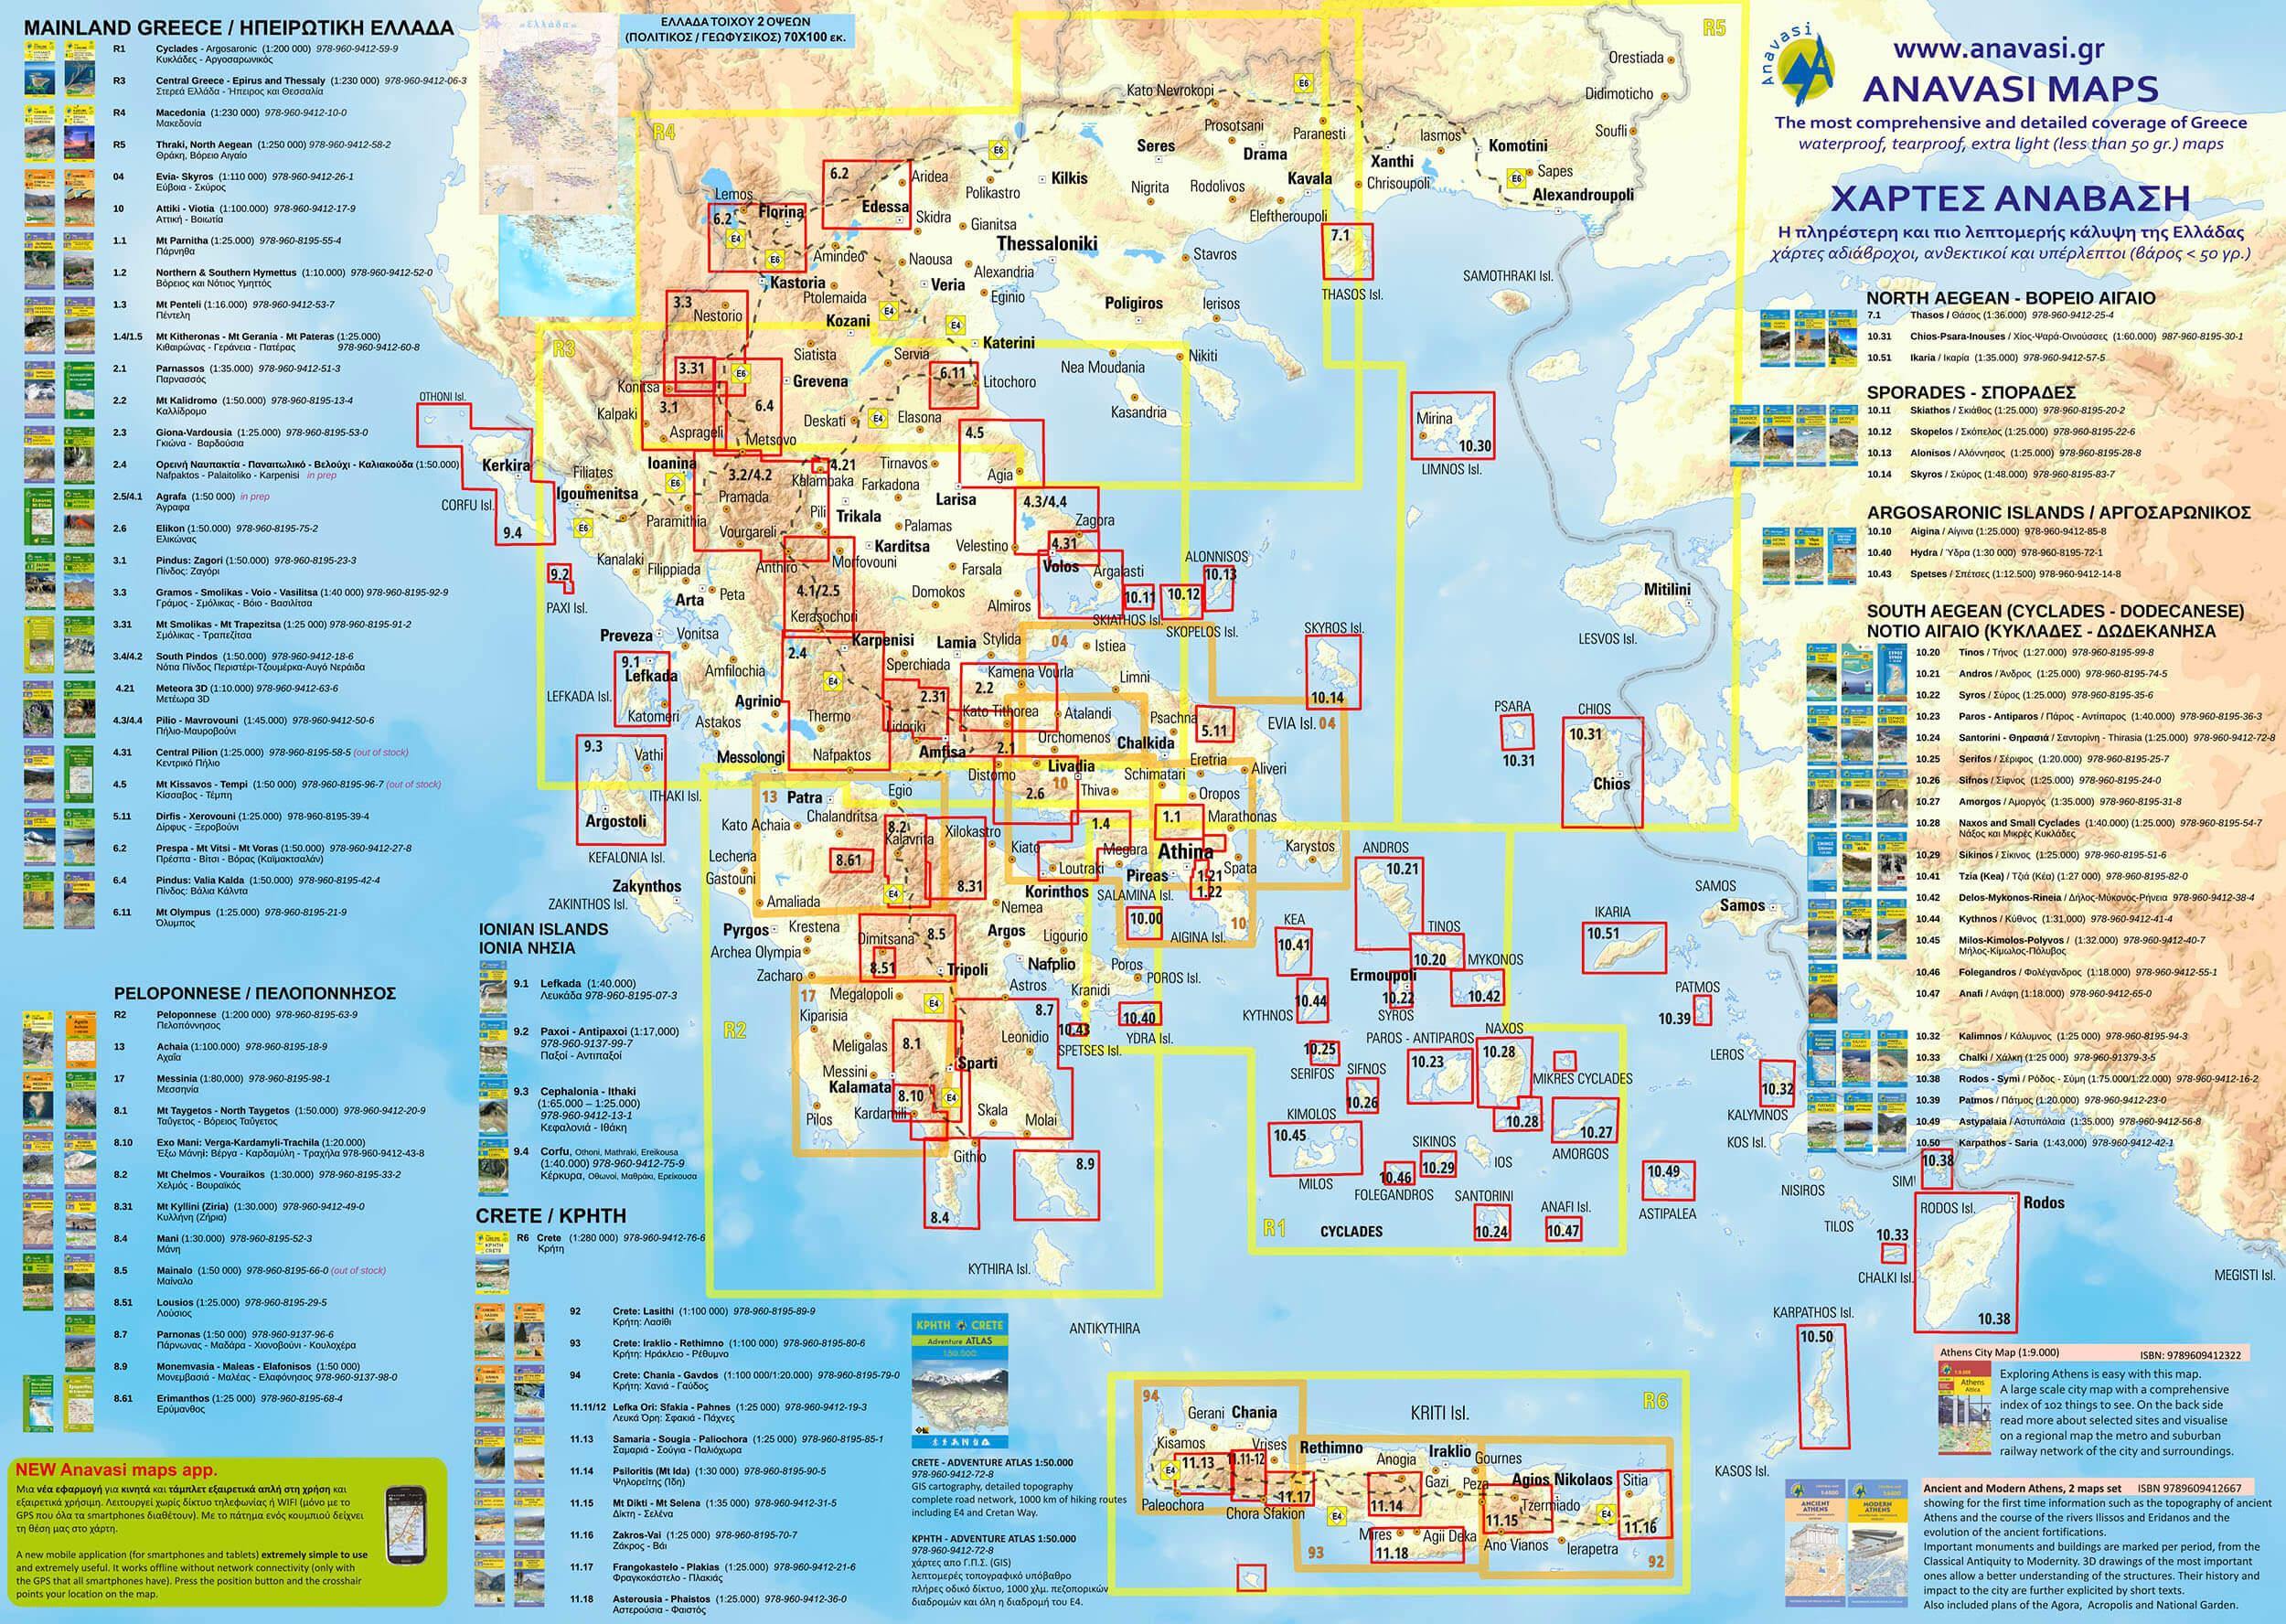 Griechenland Peloponnes Karte Deutsch.Mani Peloponnes Wanderkarte 1 25 000 Anavasi 8 43 Griechenland Wetterfest